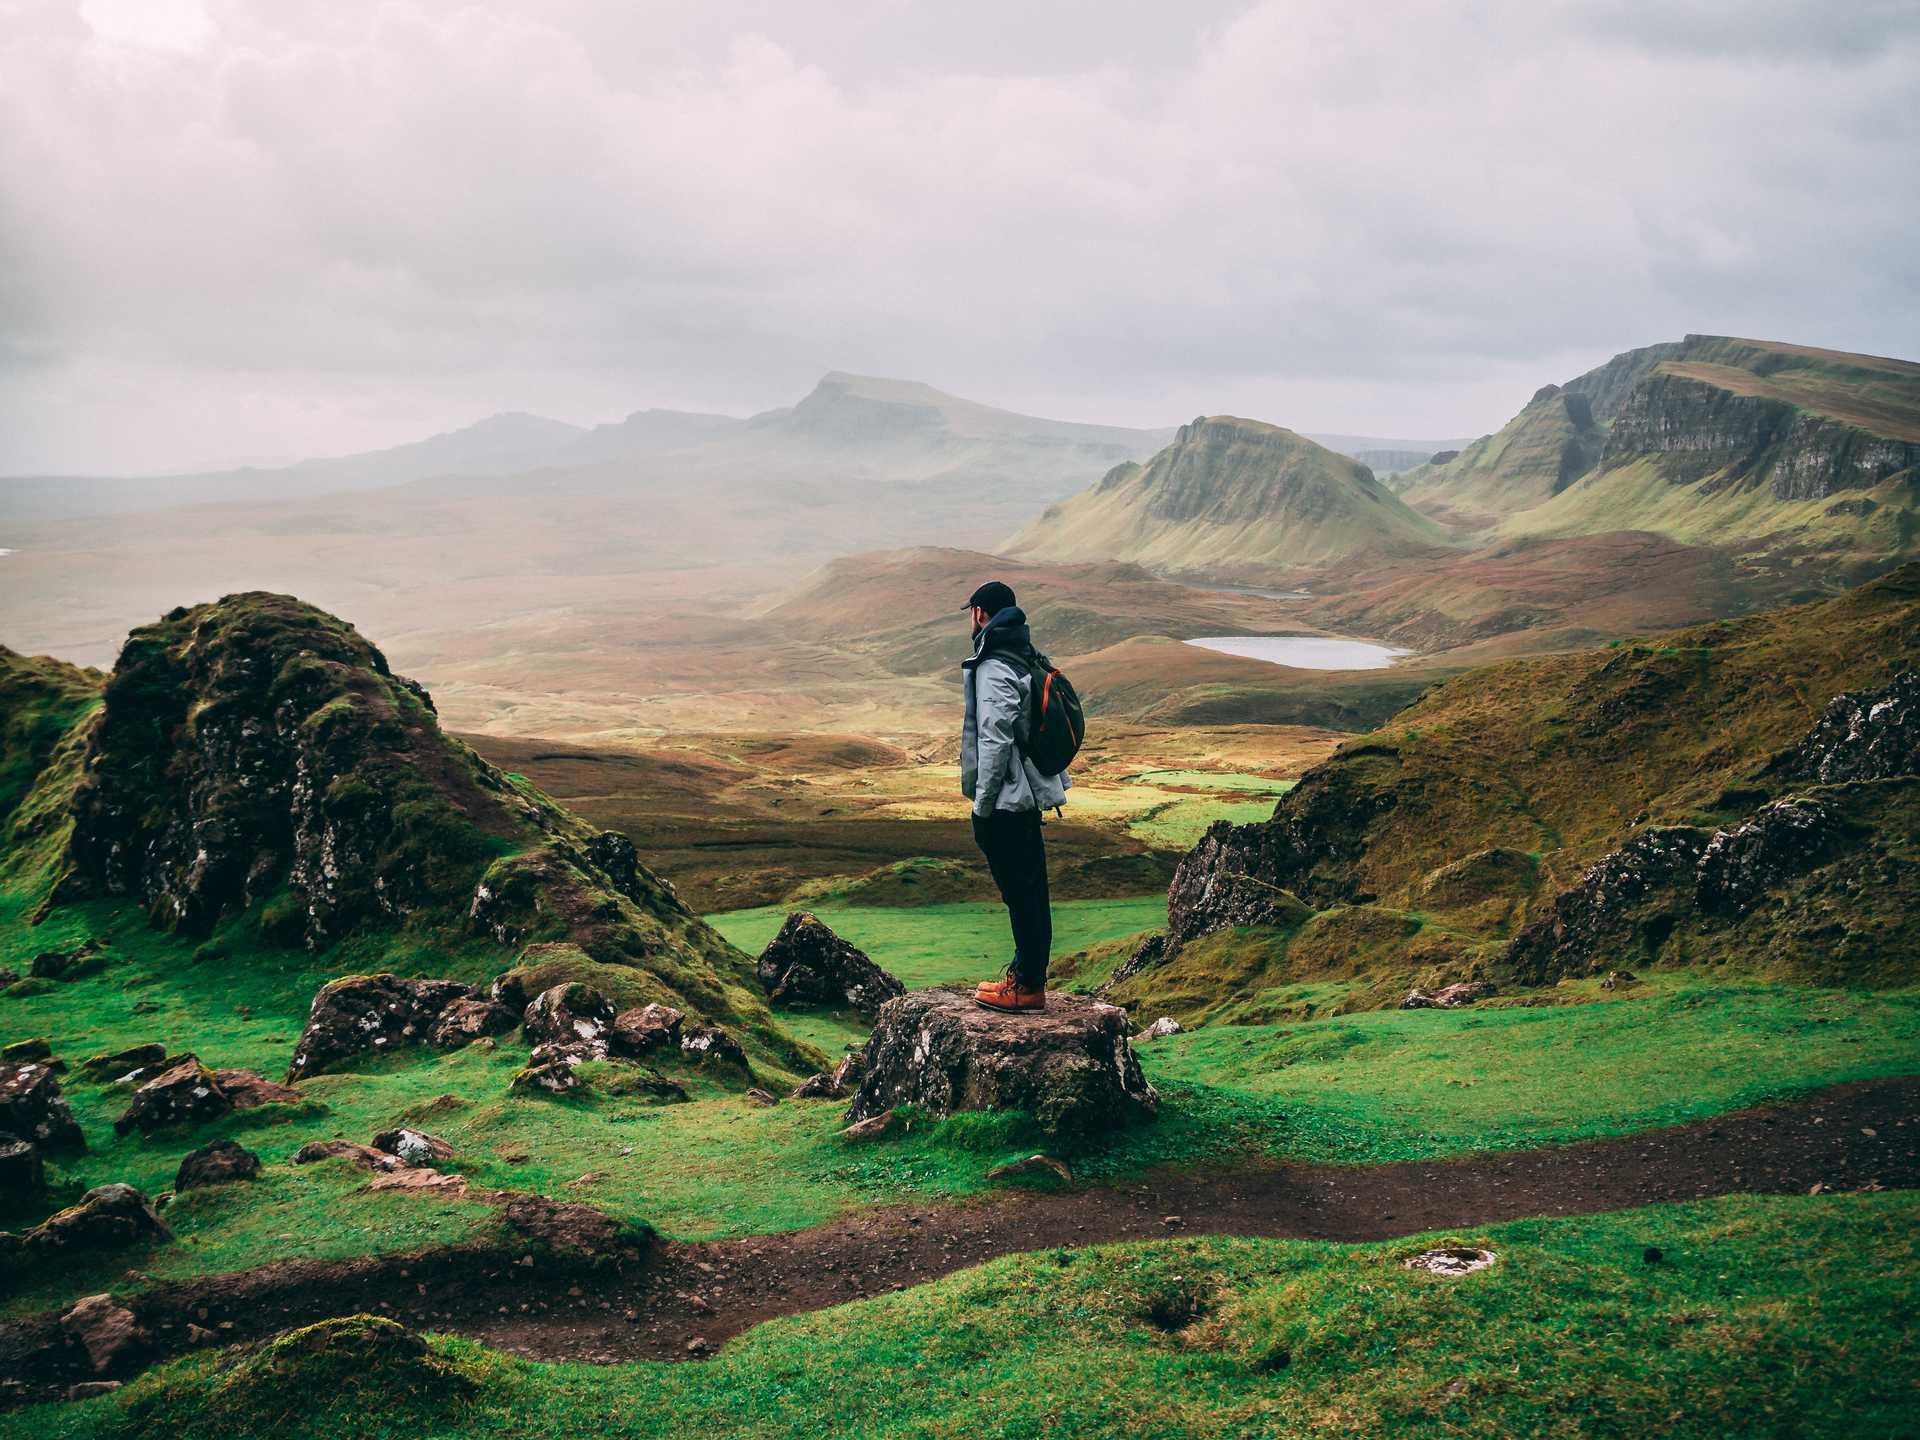 Randonneur en Ecosse, sur l'île de Skye